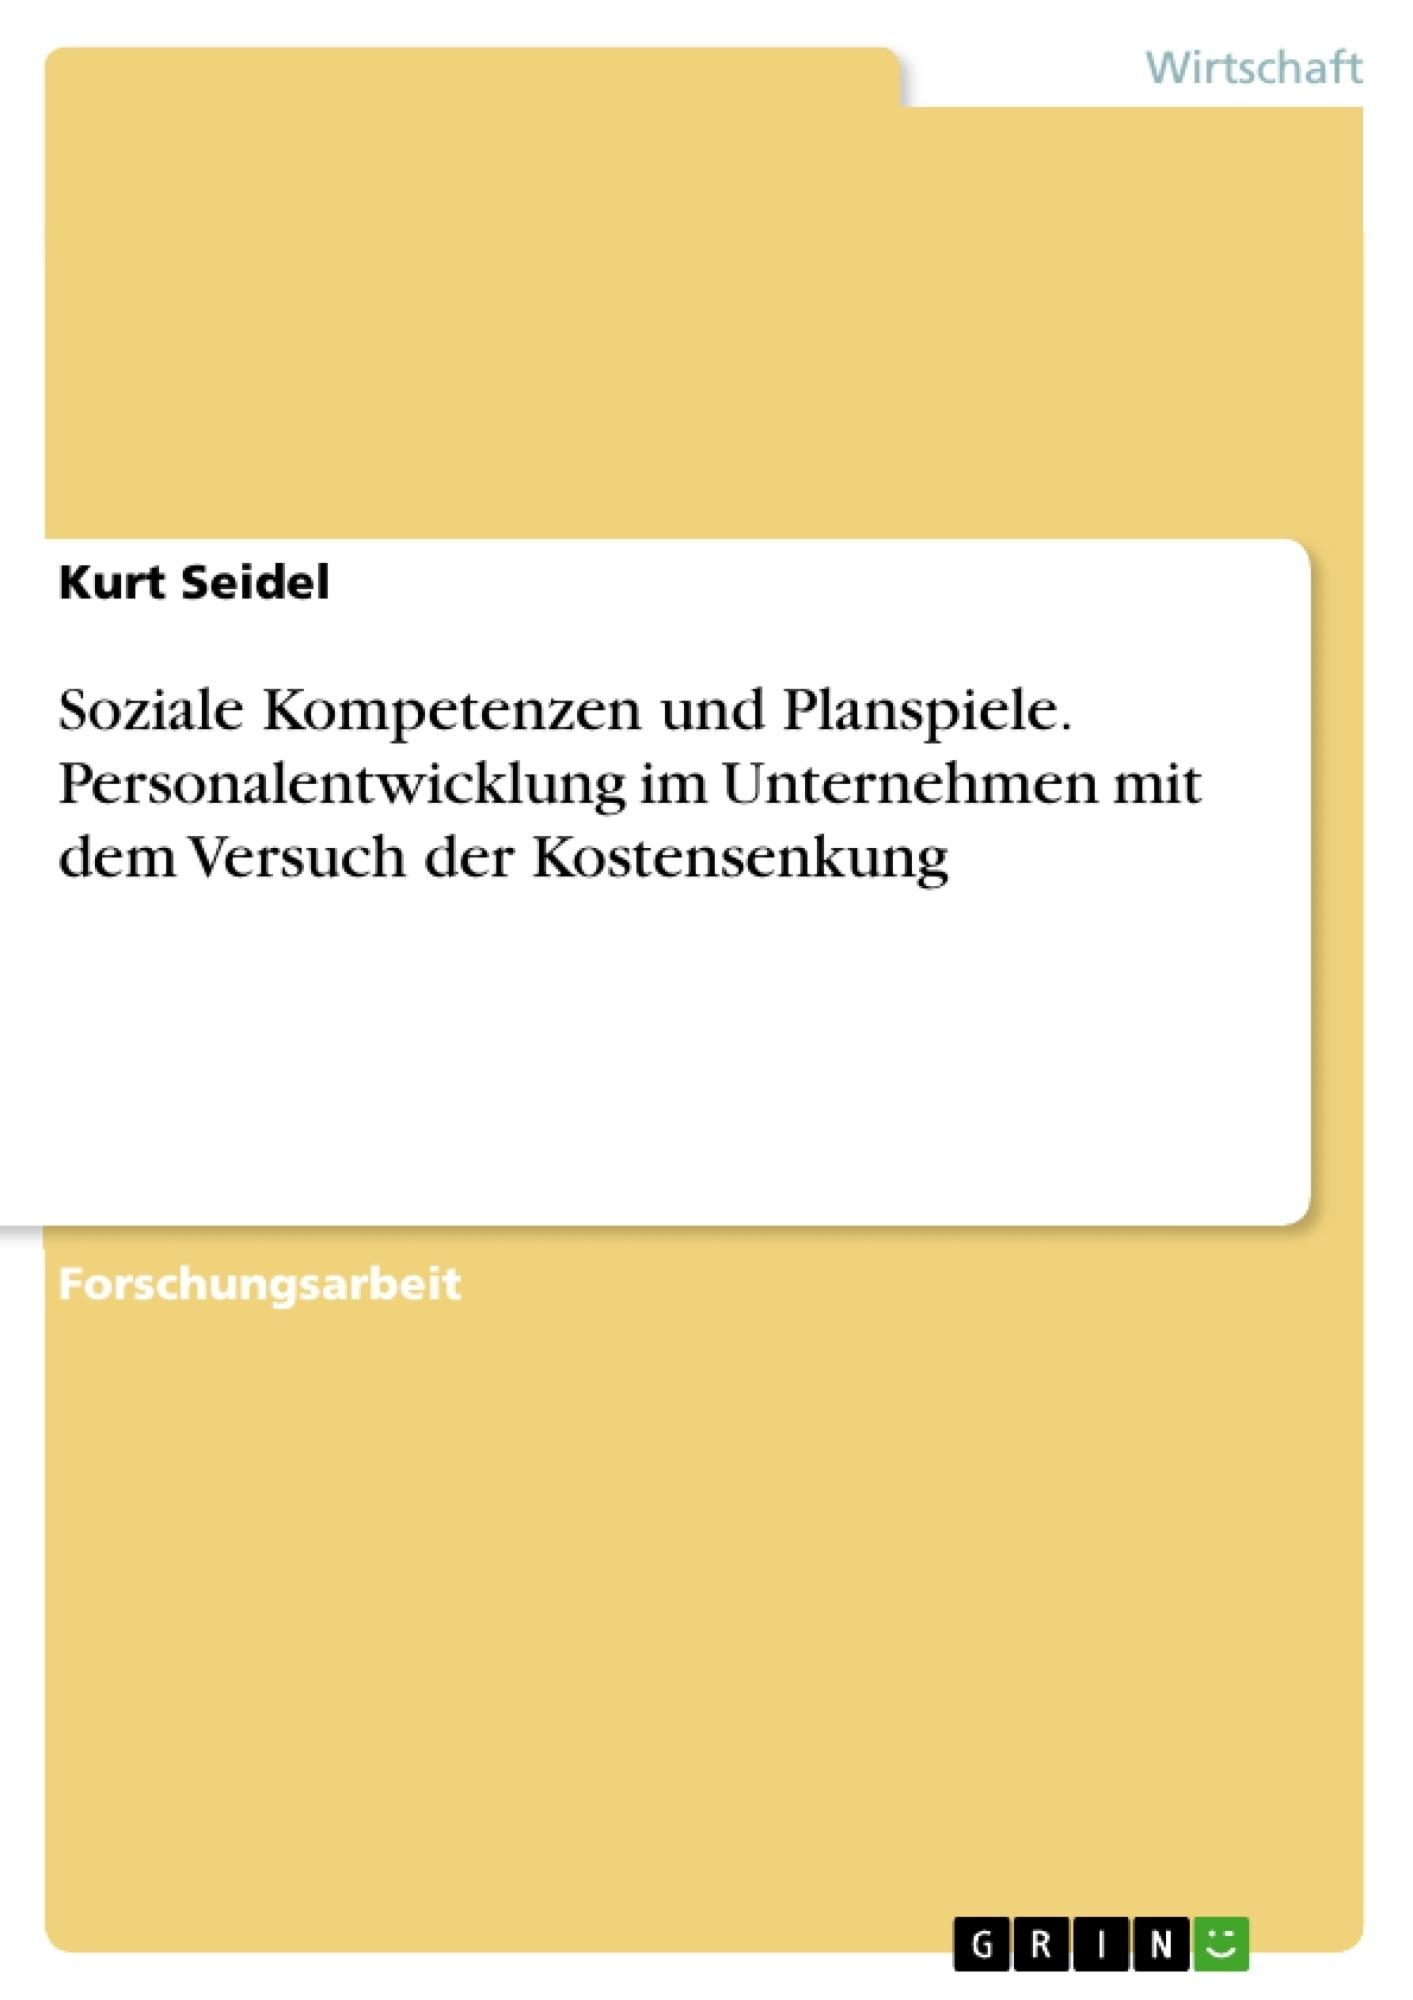 Titel: Soziale Kompetenzen und Planspiele. Personalentwicklung im Unternehmen mit dem Versuch der Kostensenkung